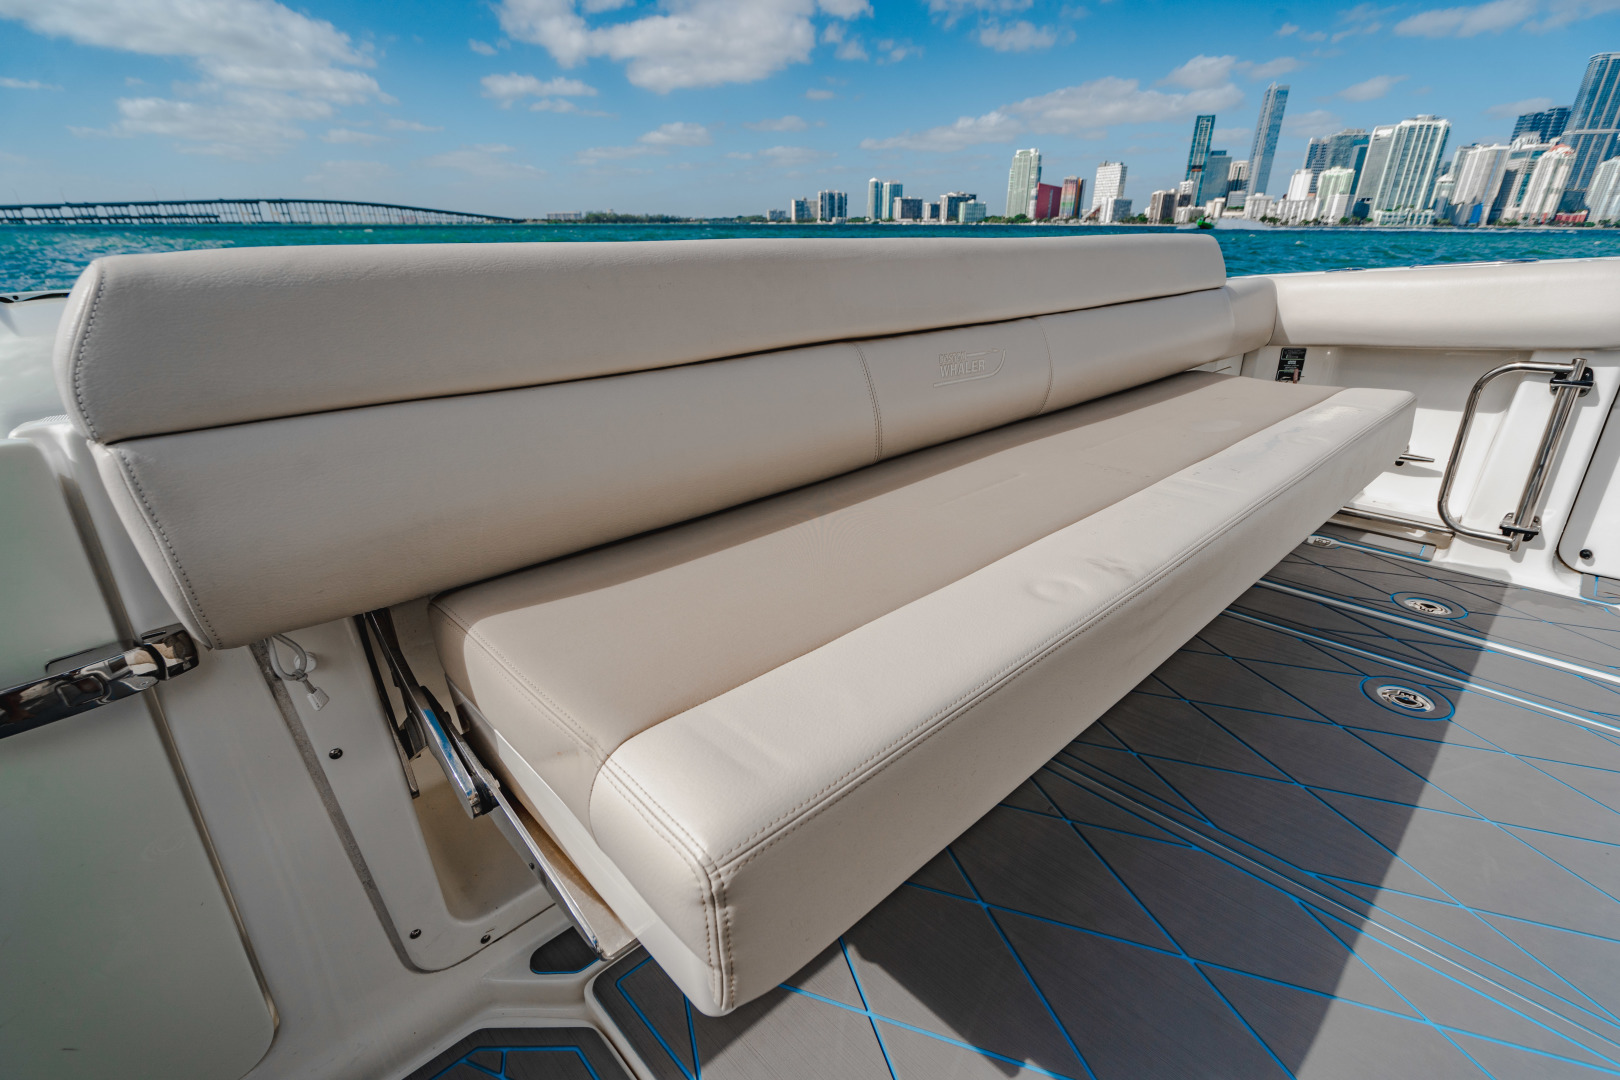 Boston Whaler-Outrage 2016-Sea Duction Miami Beach -Florida-United States-1557414 | Thumbnail